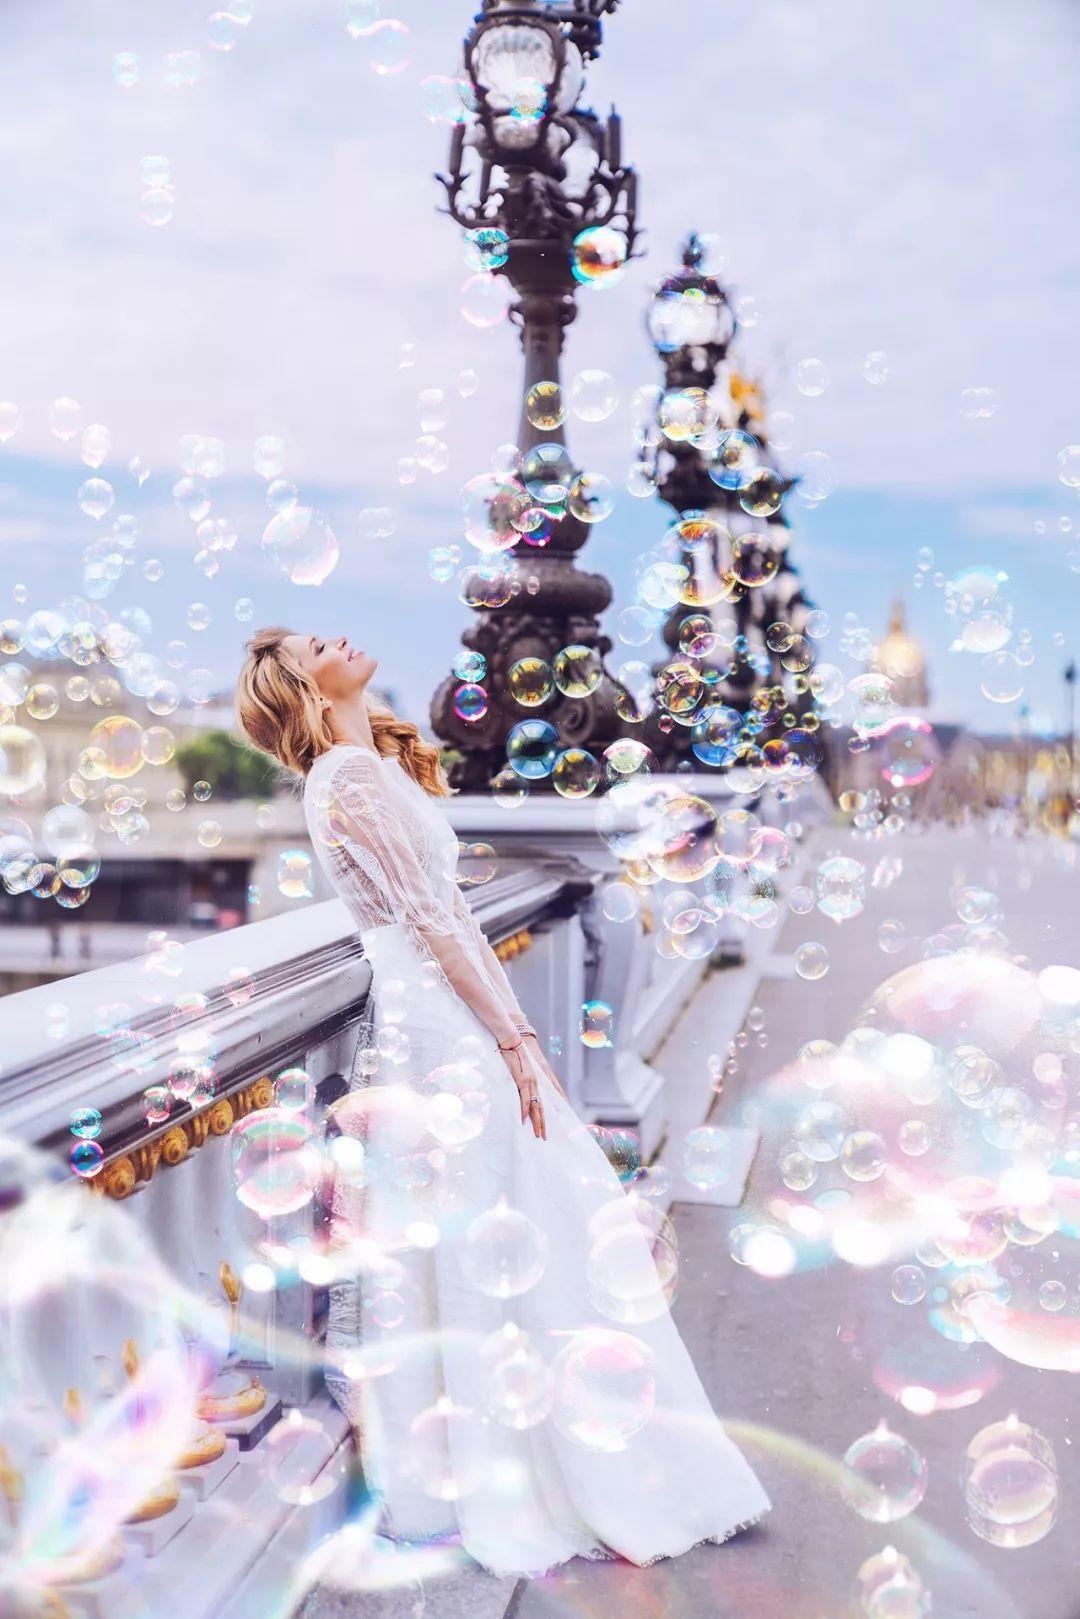 她带着相机环球旅行,用镜头将冰冷的现实世界,变成了美丽的童话王国